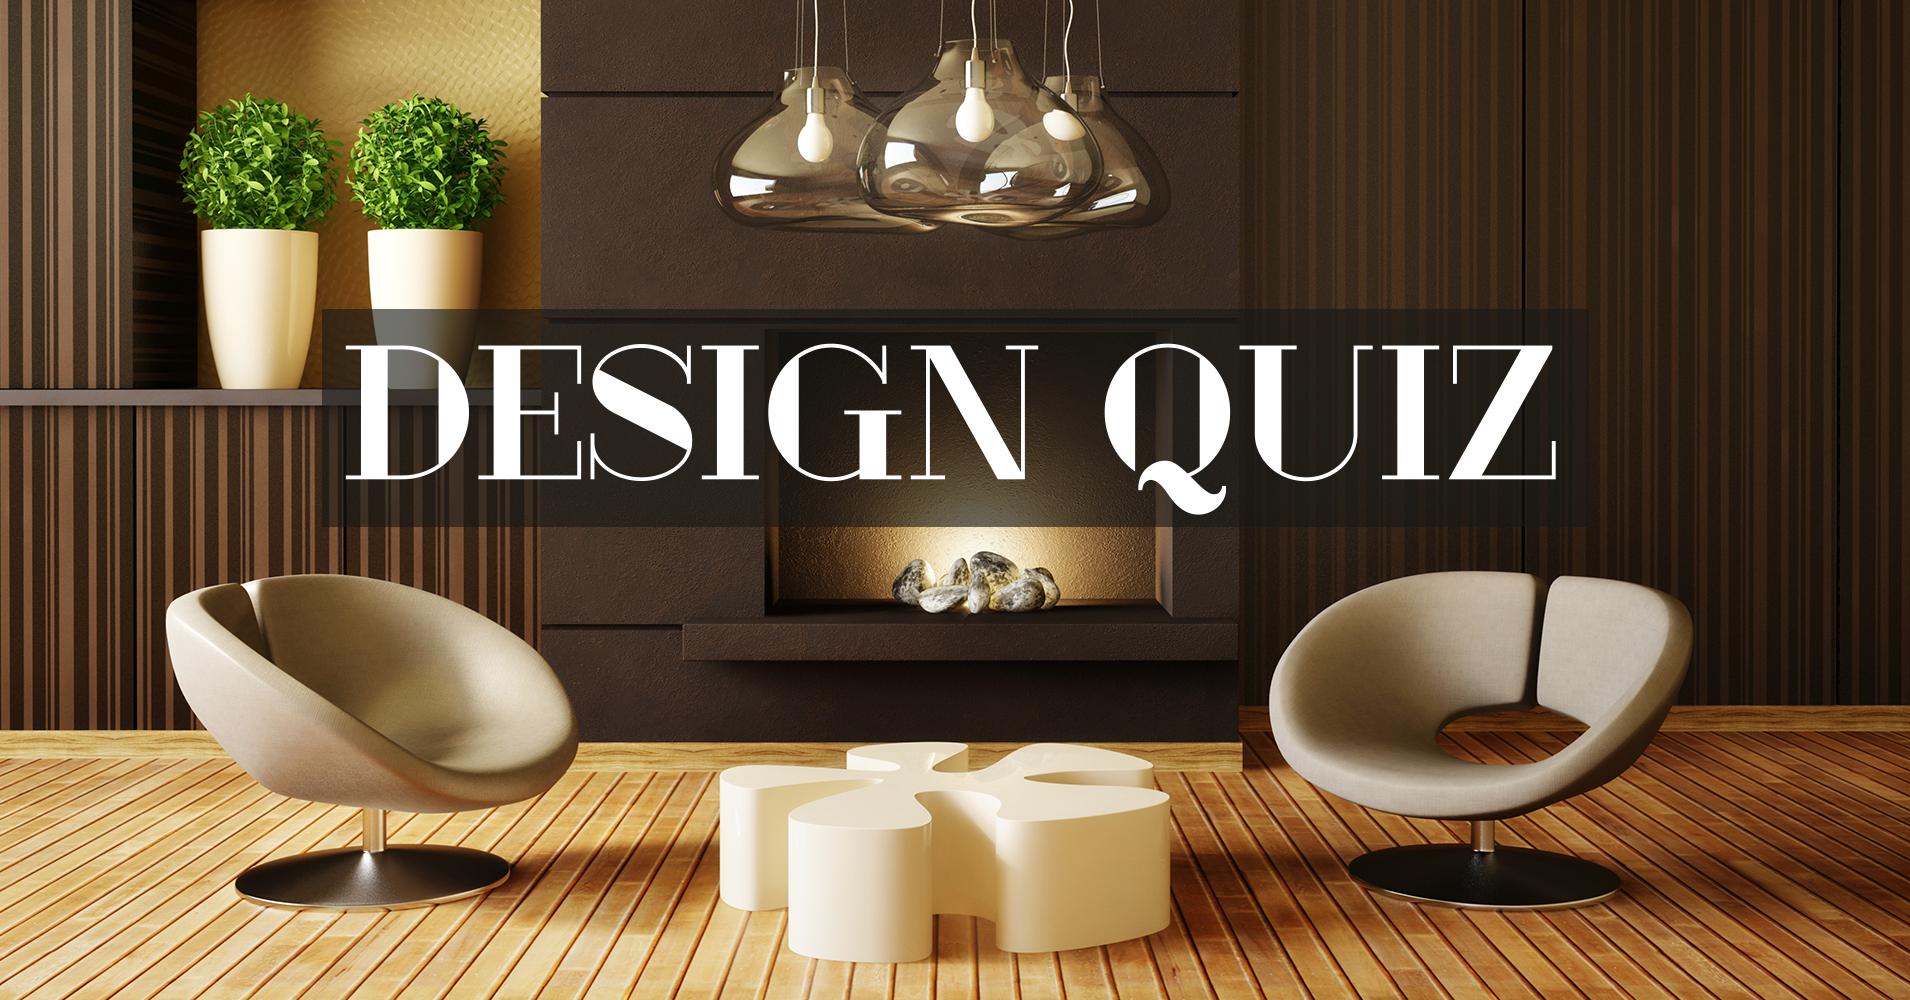 Design quiz quiz quizony.com